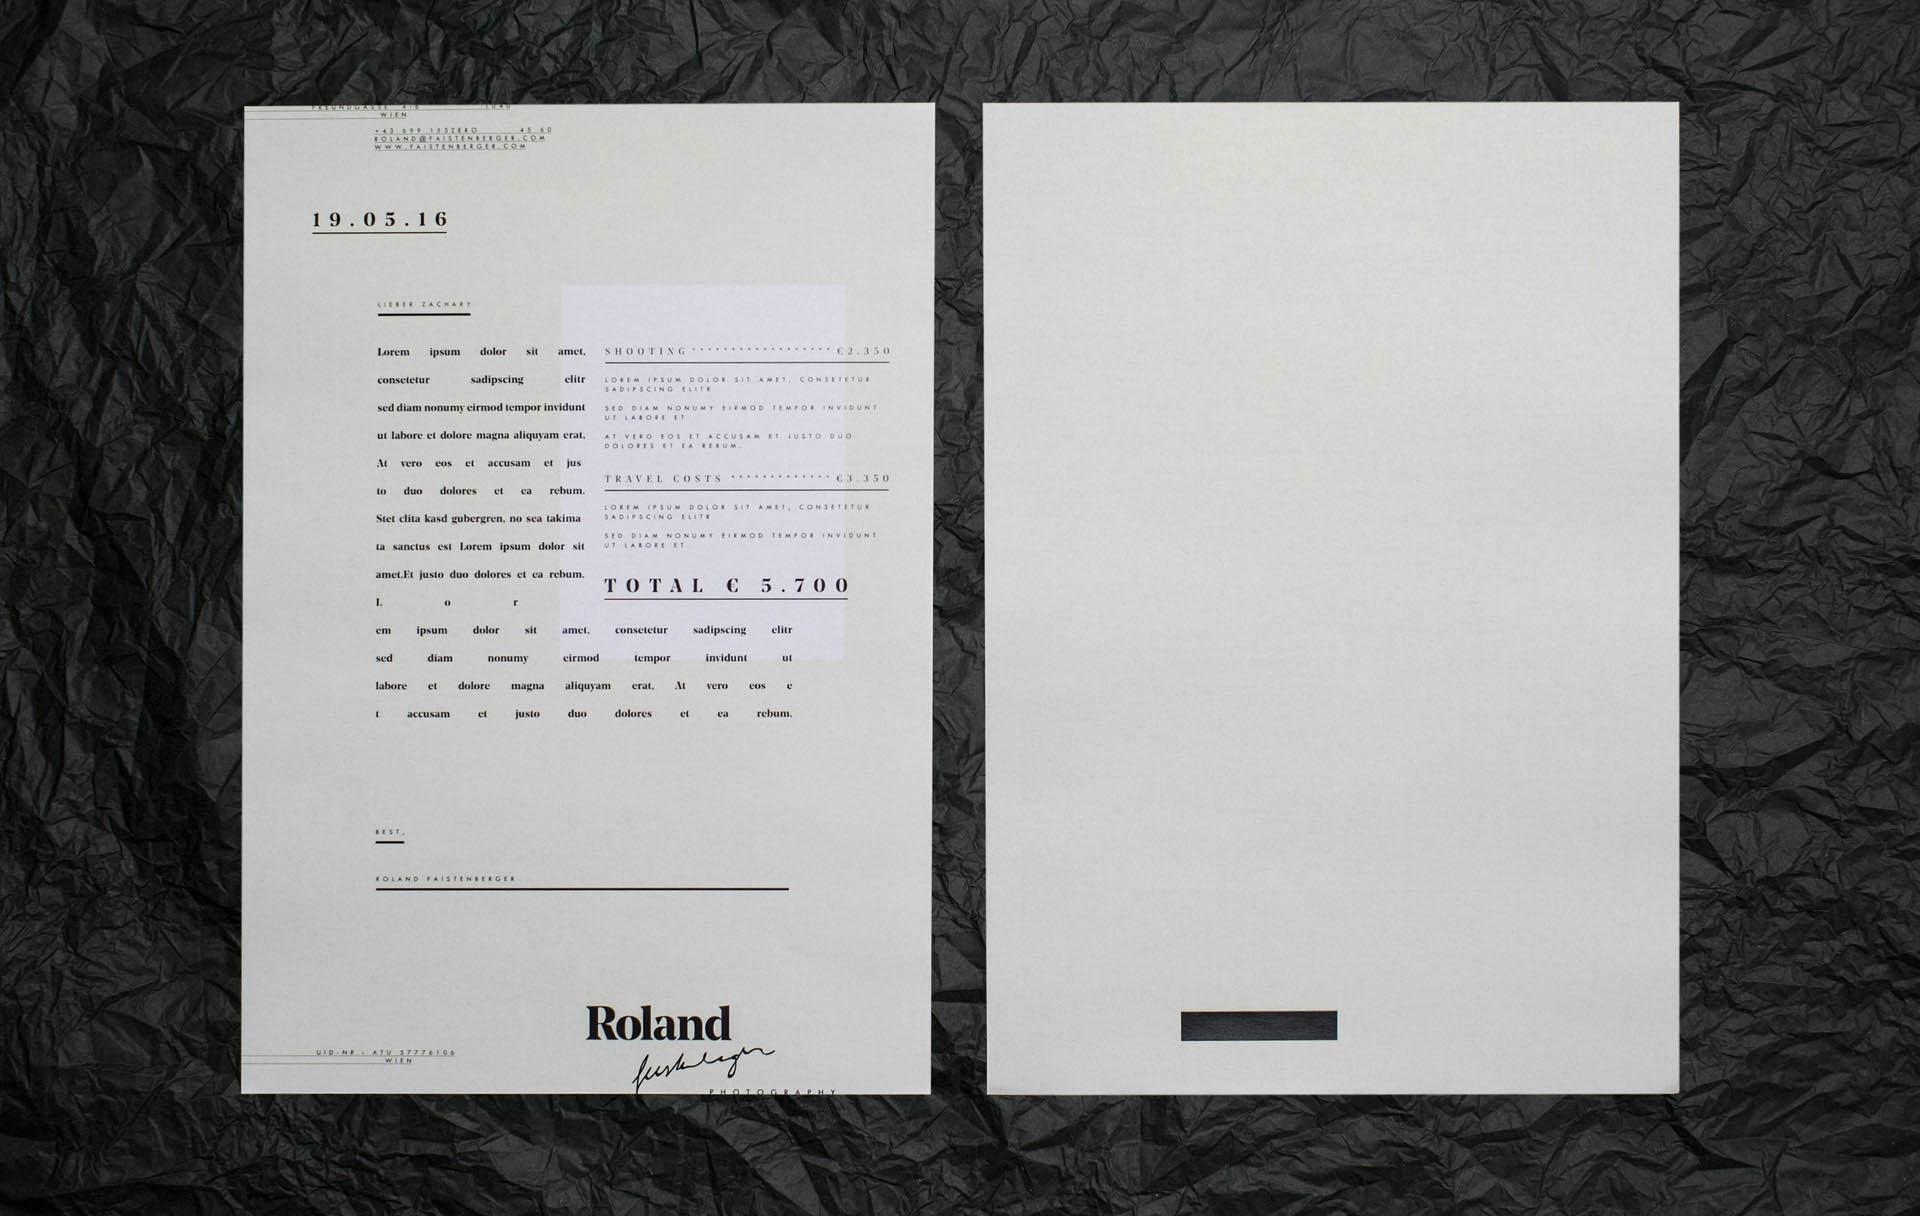 iq9mtx8k-roland-faistenberger-branding-website-04